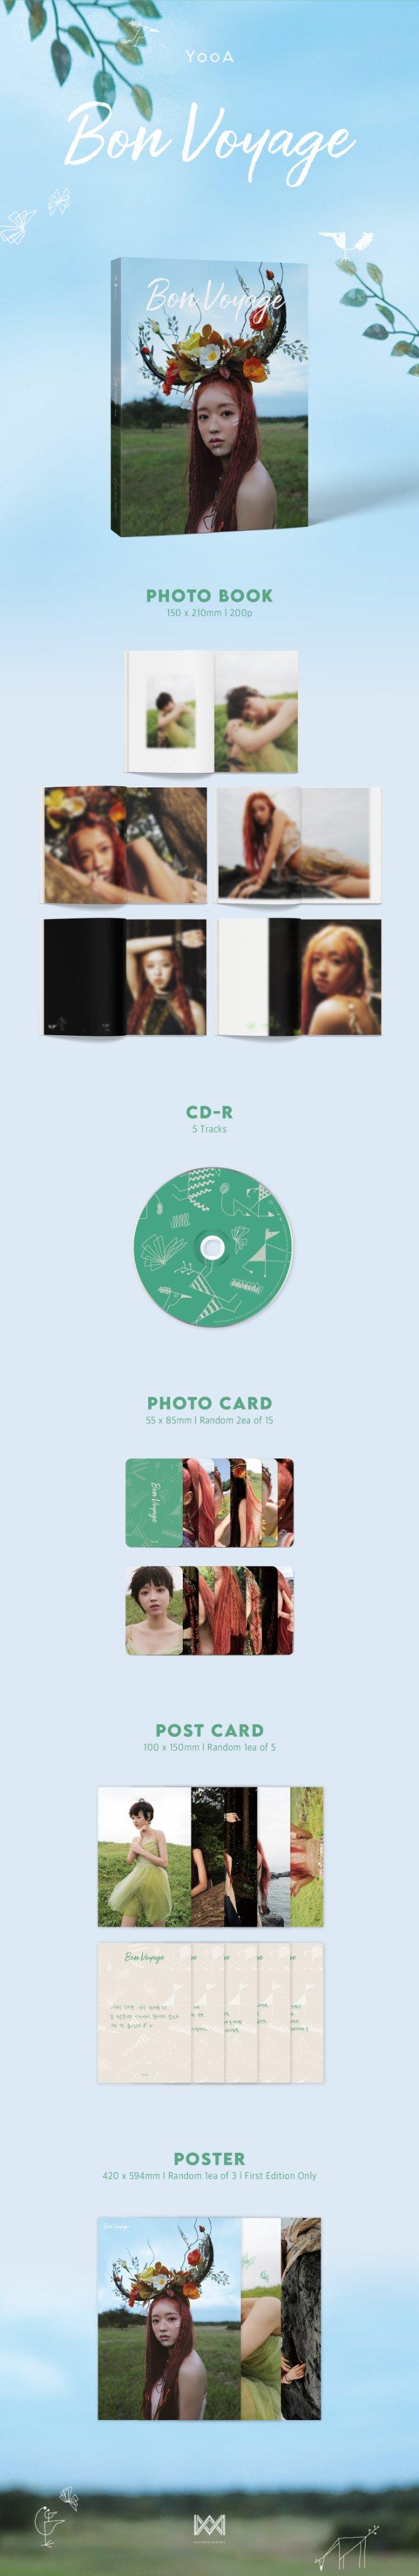 yooa album preview